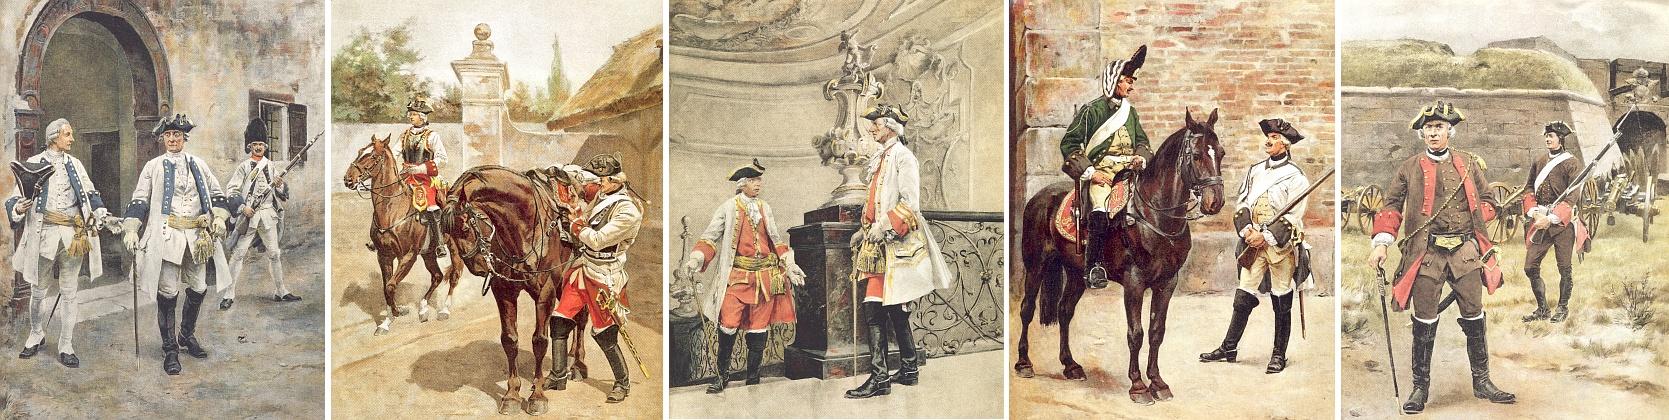 Rudolf von Ottenfeld je autorem i těchto obrazů zachycujících uniformy rakouské armády za sedmileté války